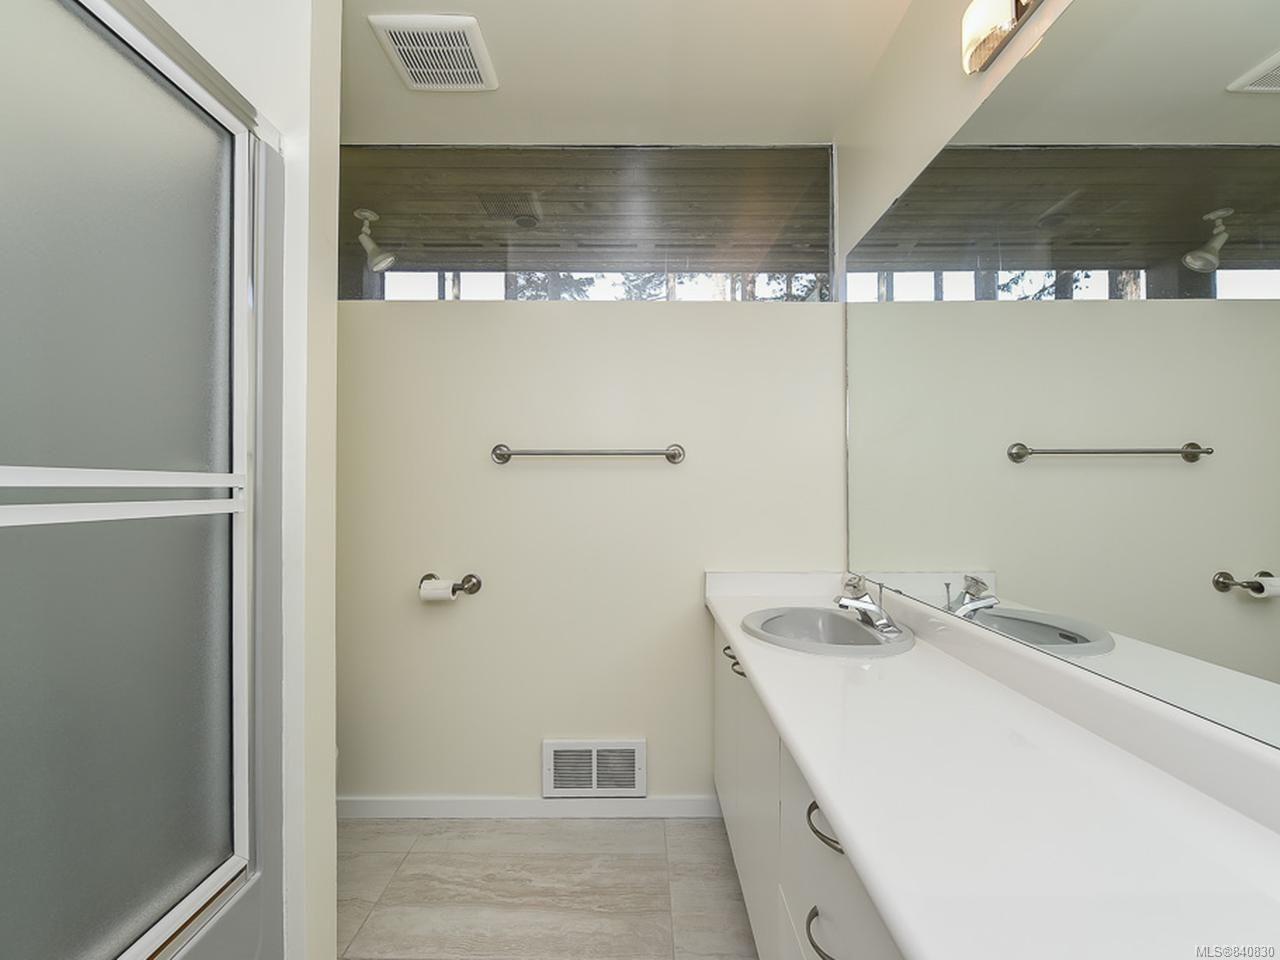 Photo 45: Photos: 1156 Moore Rd in COMOX: CV Comox Peninsula House for sale (Comox Valley)  : MLS®# 840830